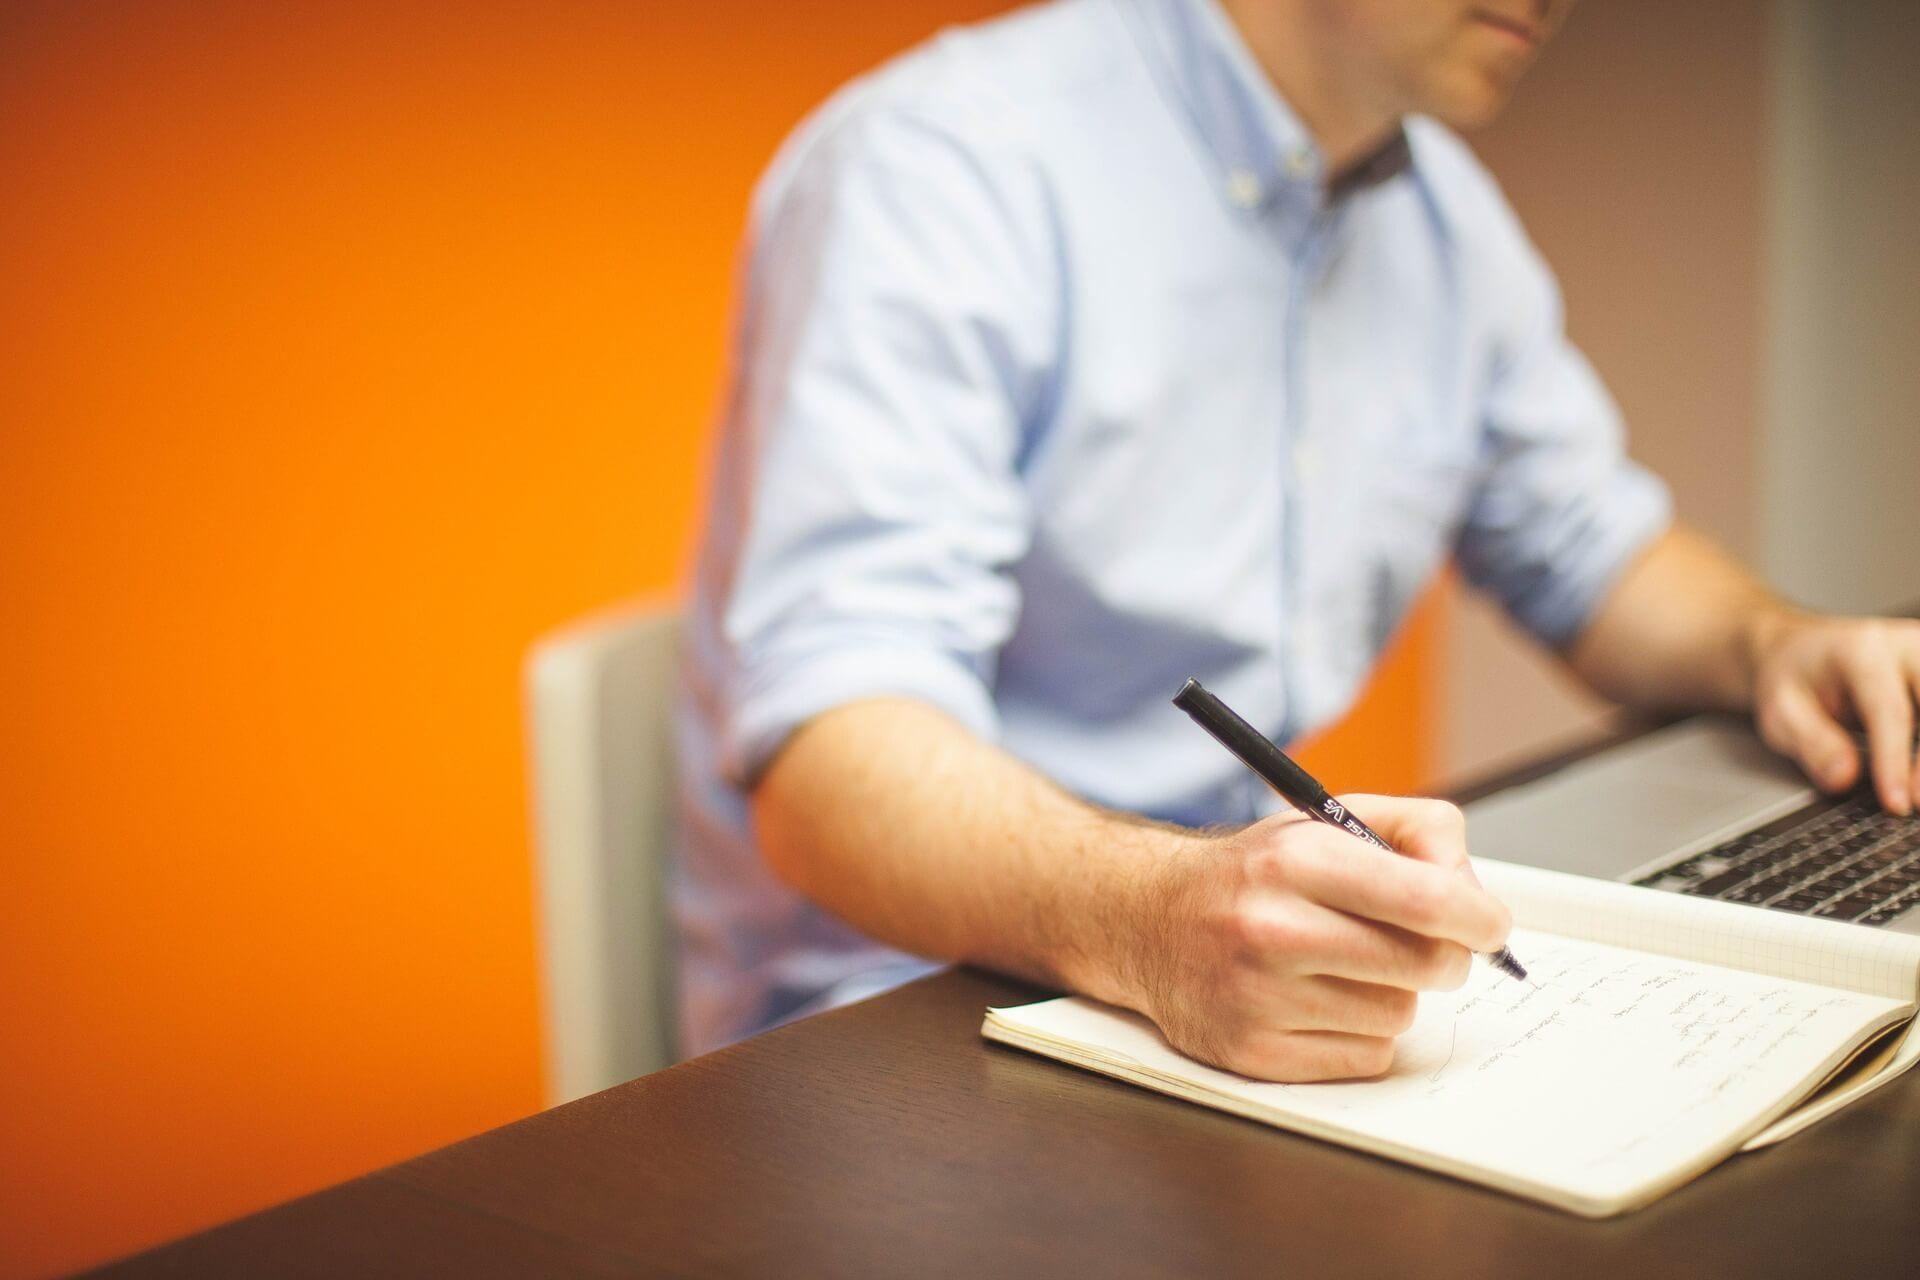 Consejos para evitar la usura en un préstamo